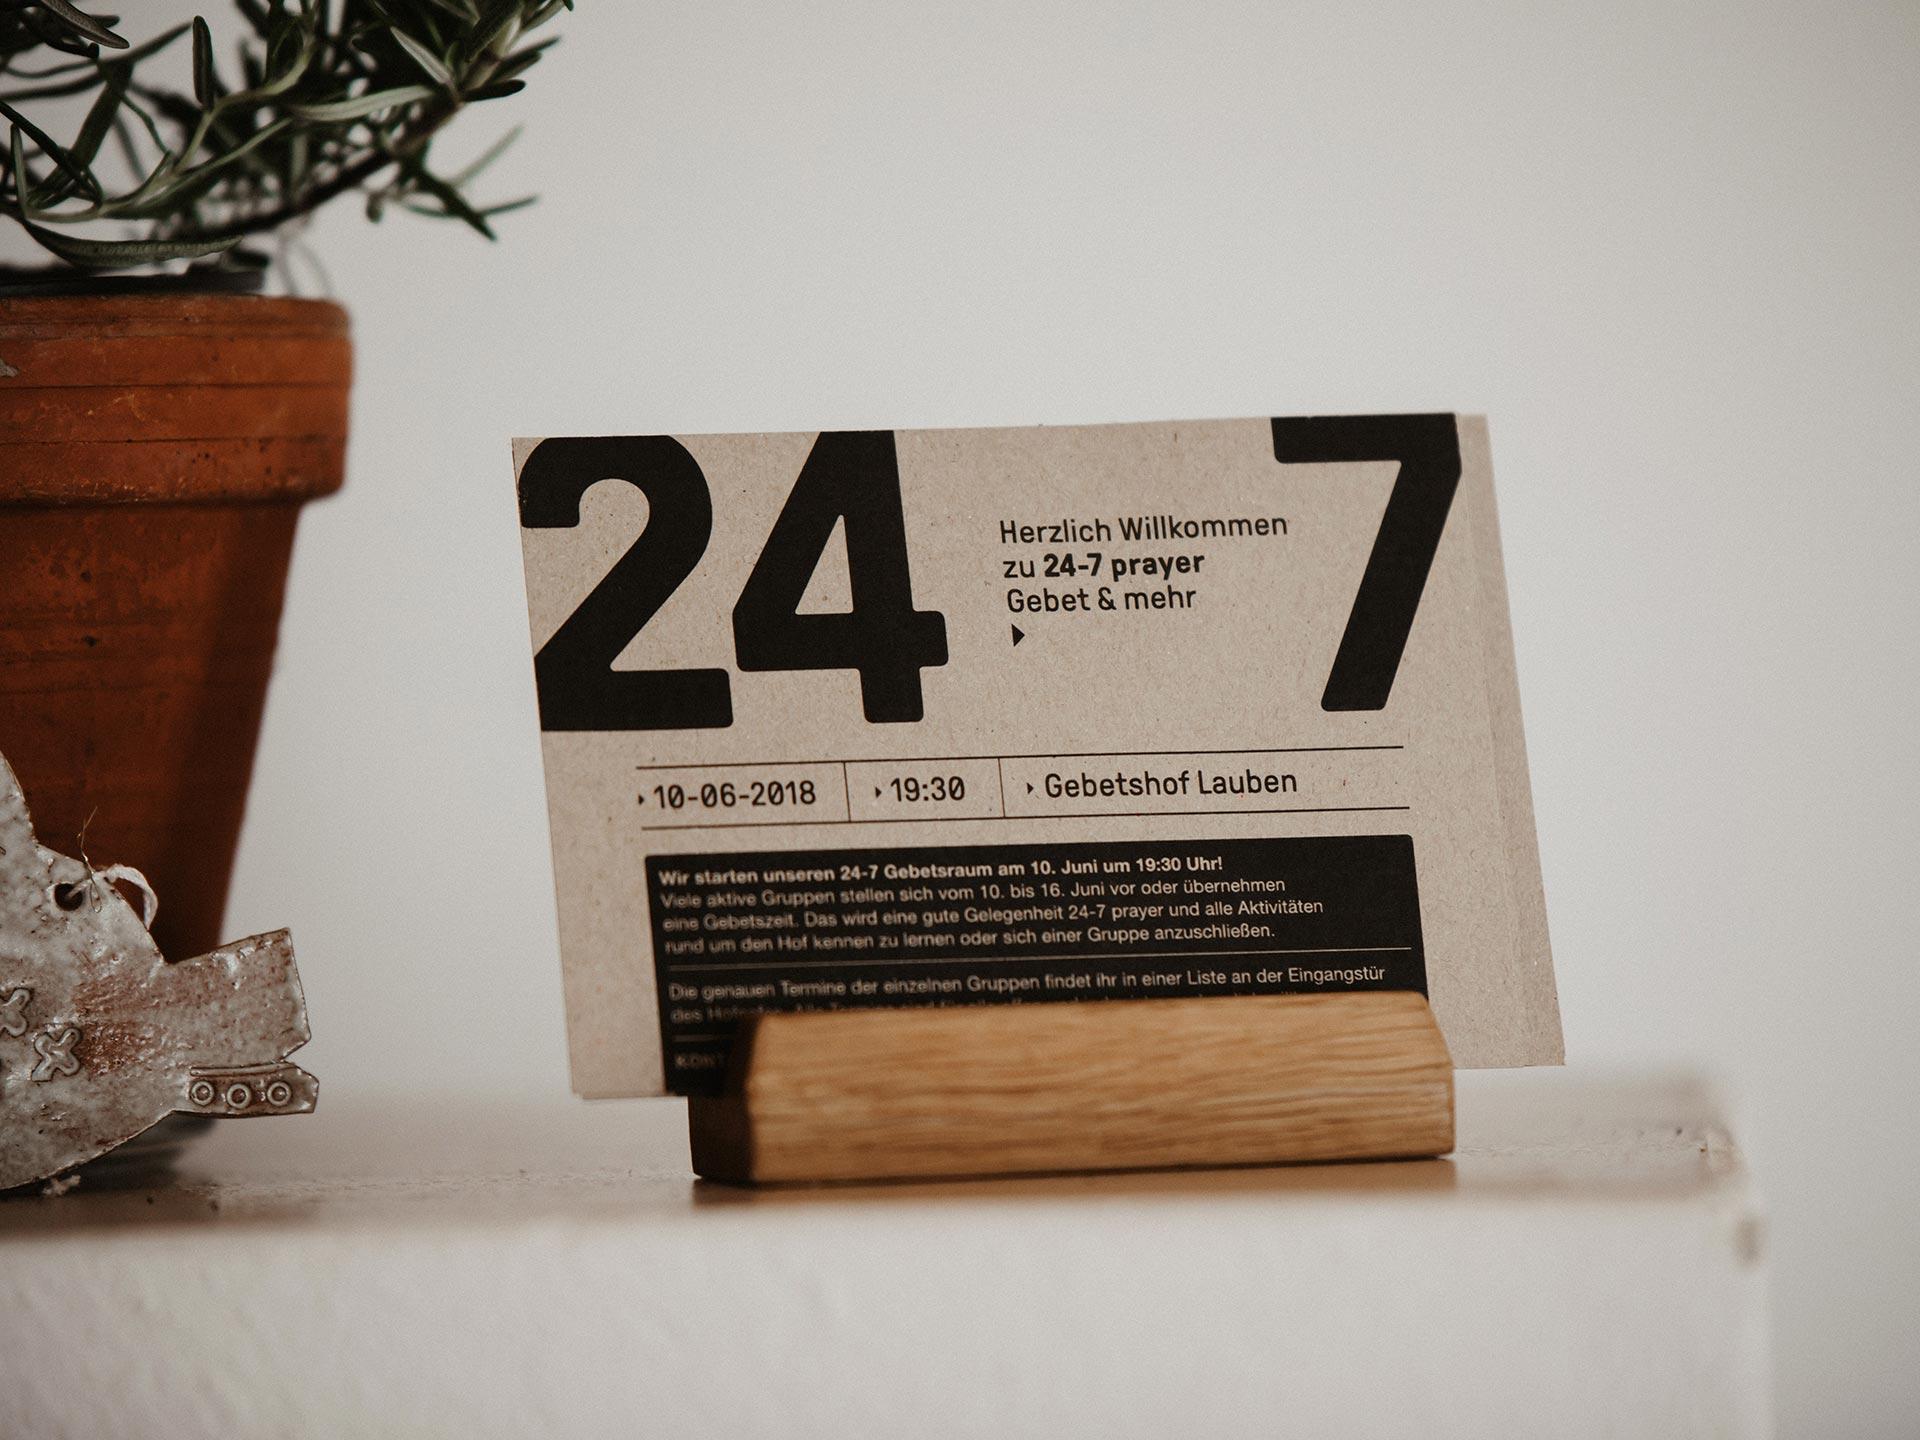 24-7 prayer im Gebetshof Lauben